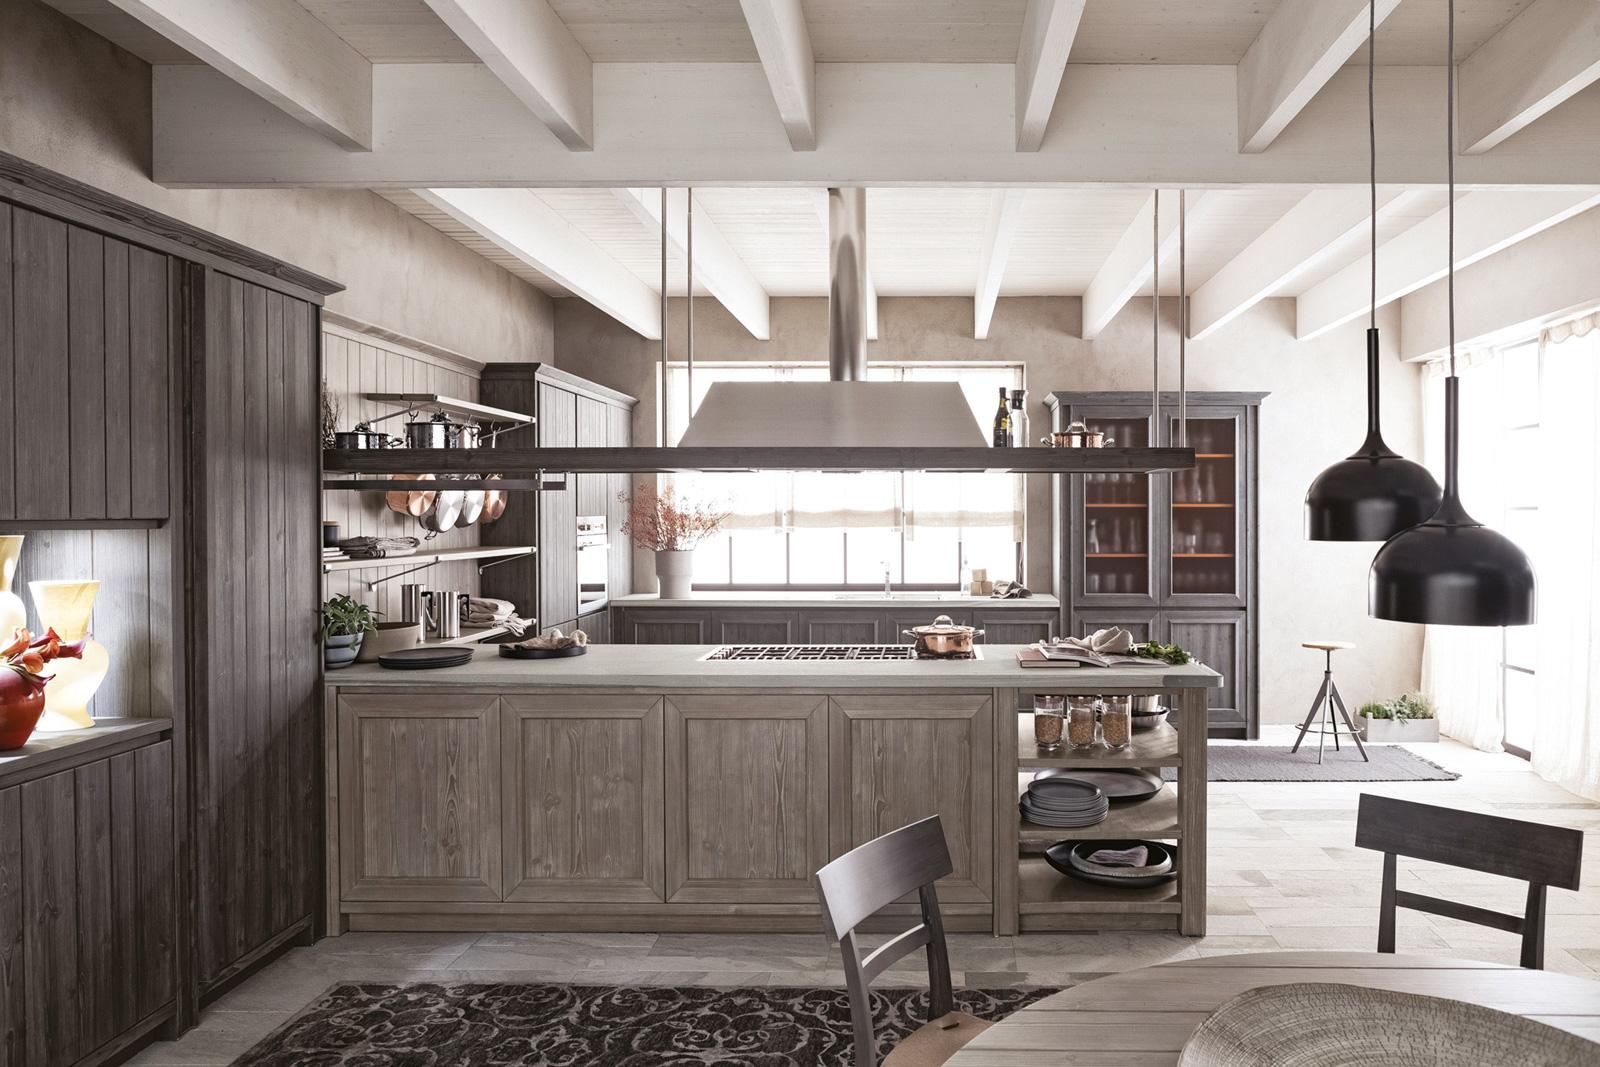 Cucina con penisola una soluzione non solo estetica for Immagini per cucina